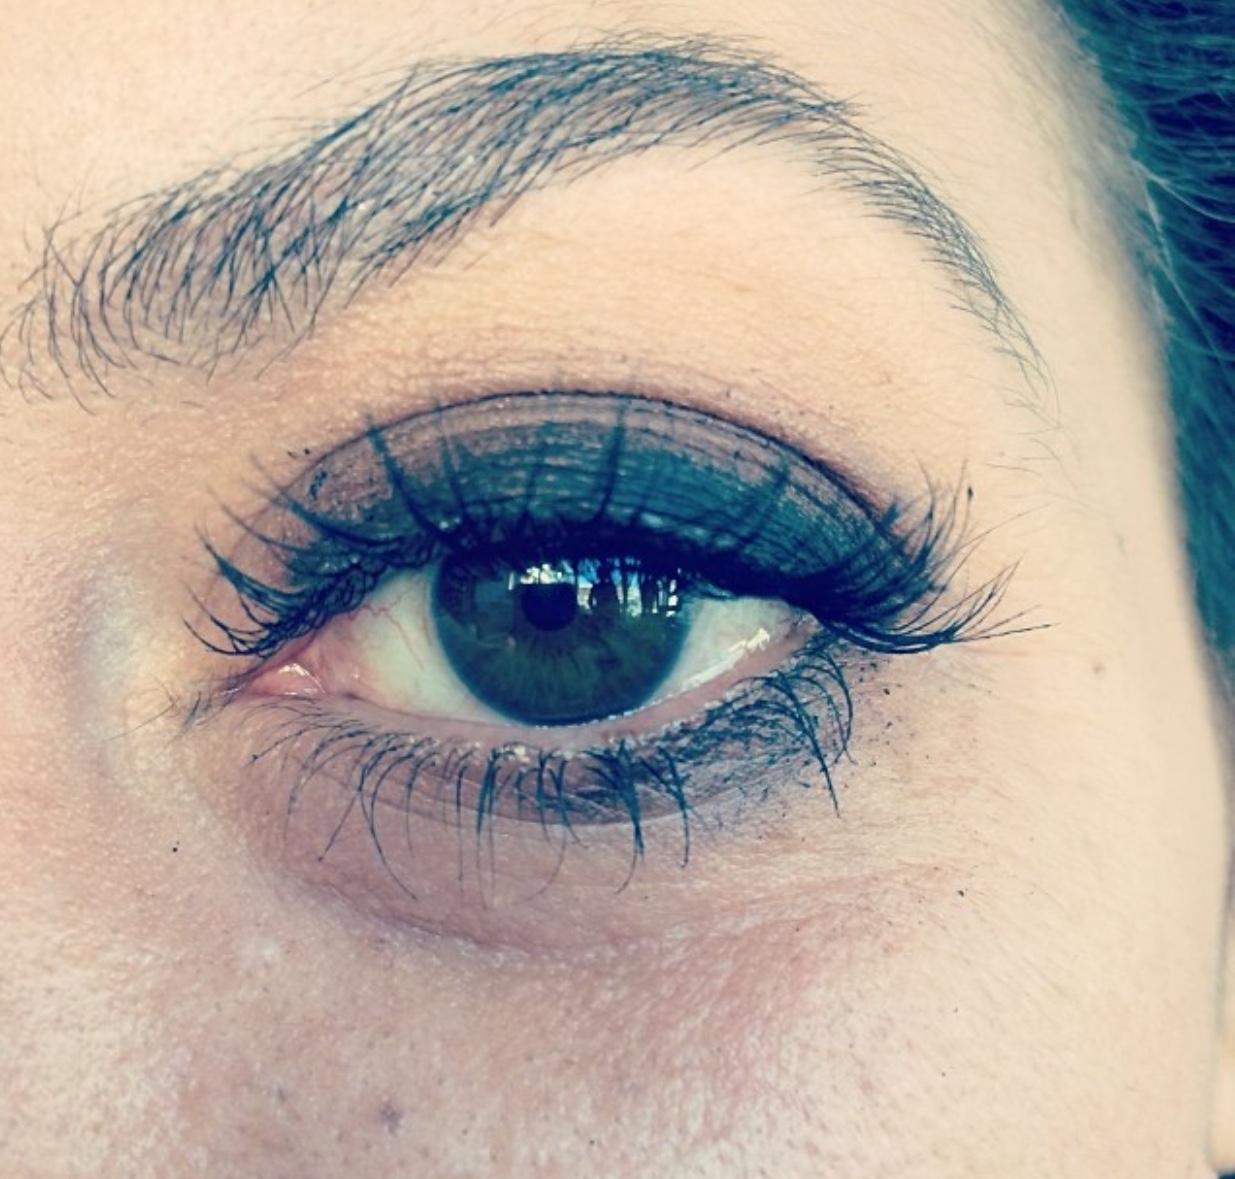 Esistono nuovi farmaci per curare l'occhio secco?